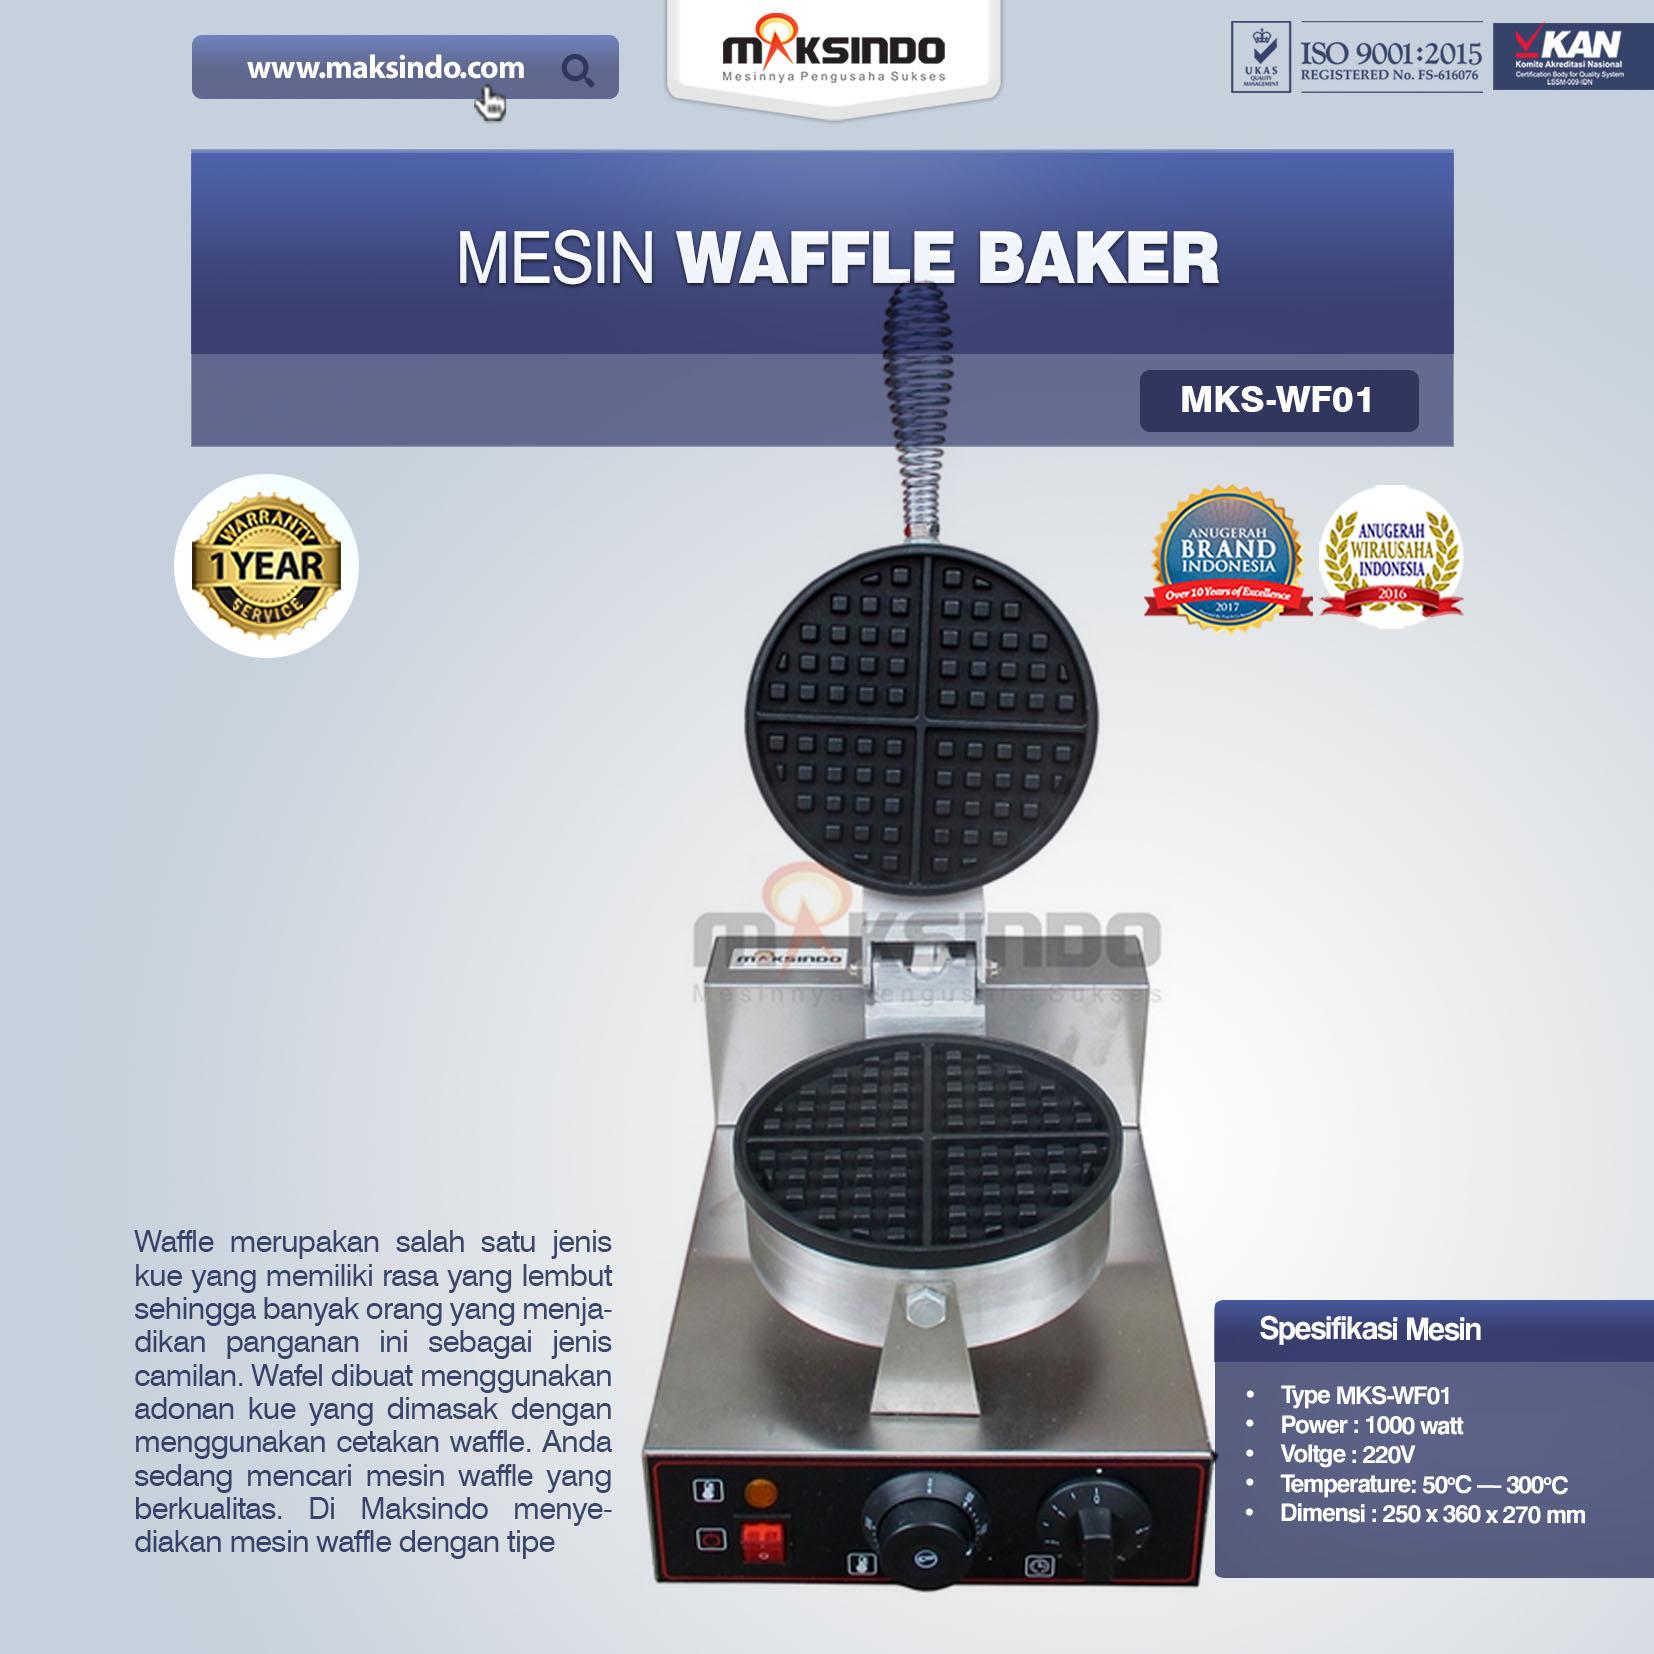 Jual Mesin Waffle Baker MKS-WF01 di Mataram